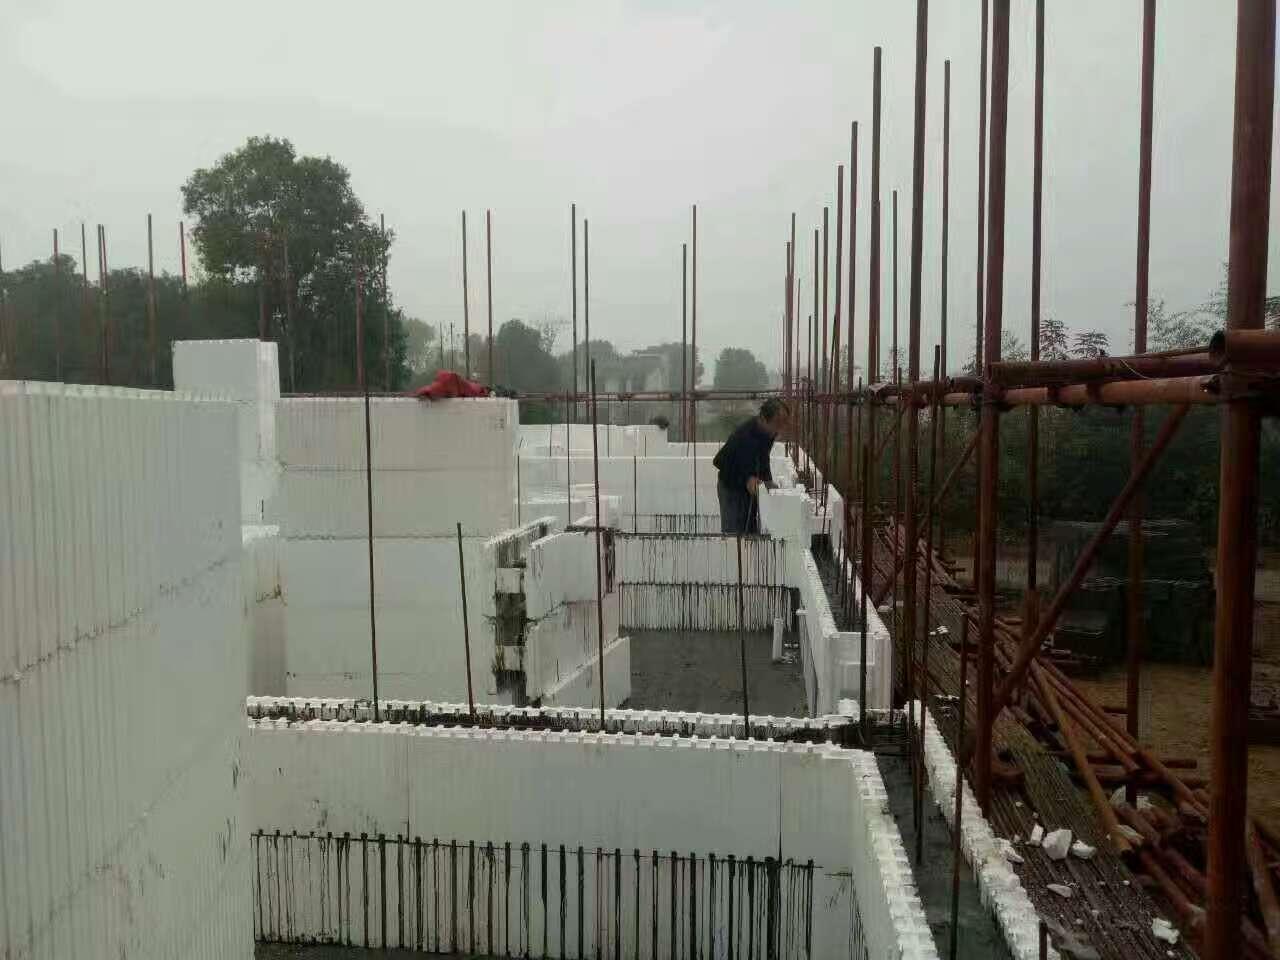 优质的节能环保建材公司——河南节能别墅